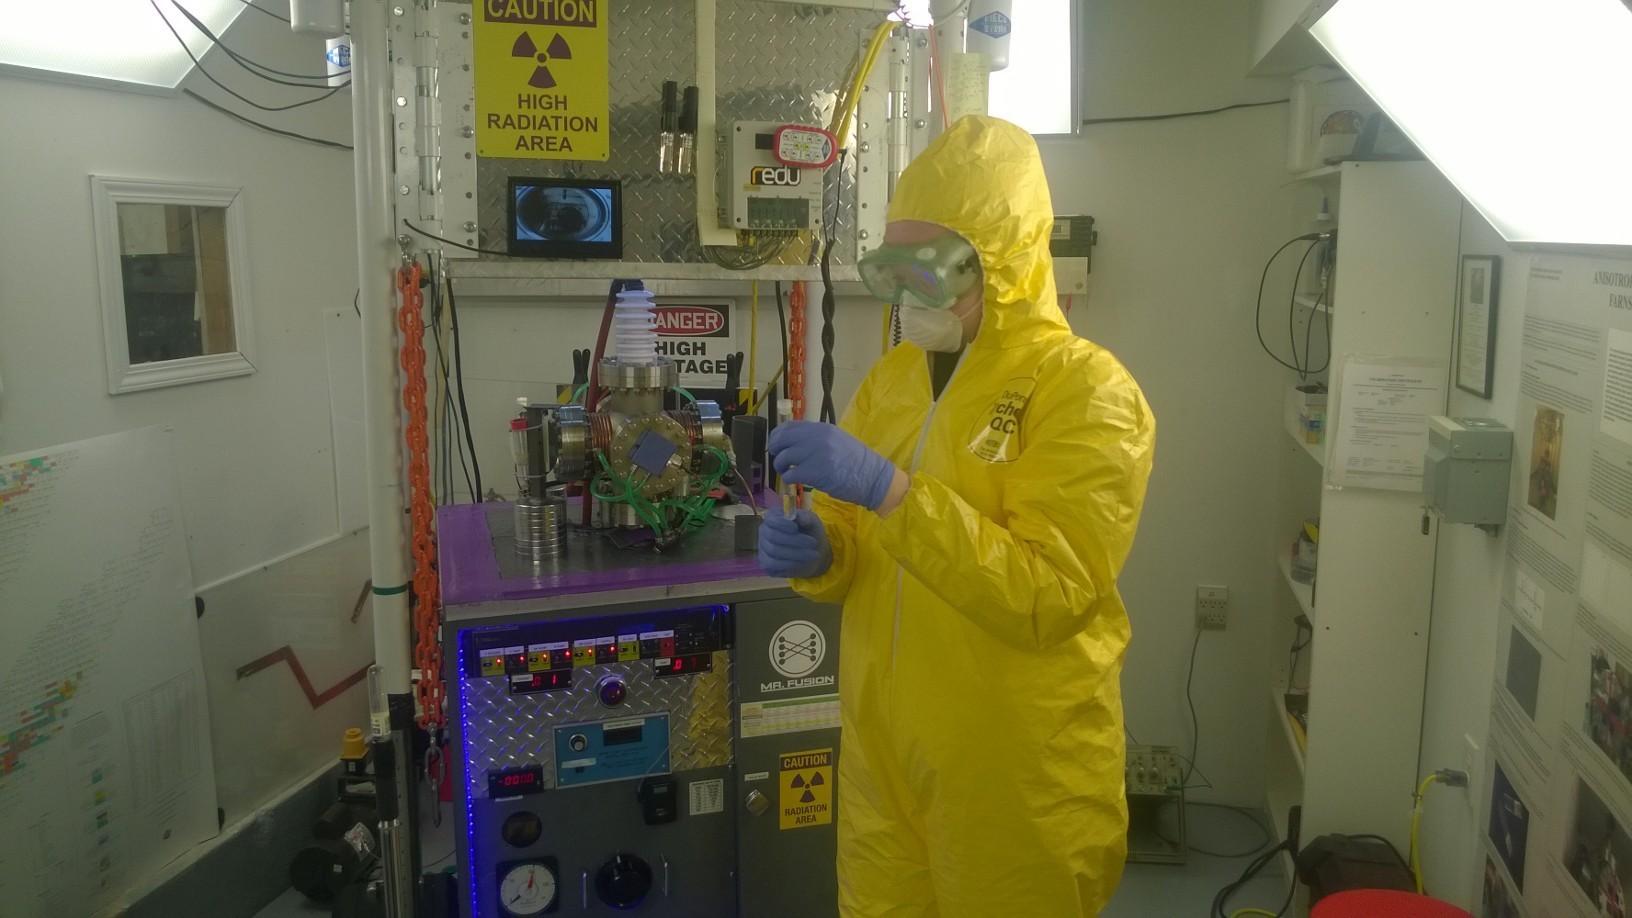 Старшеклассники собрали термоядерный реактор в гараже и ставят эксперименты - 5